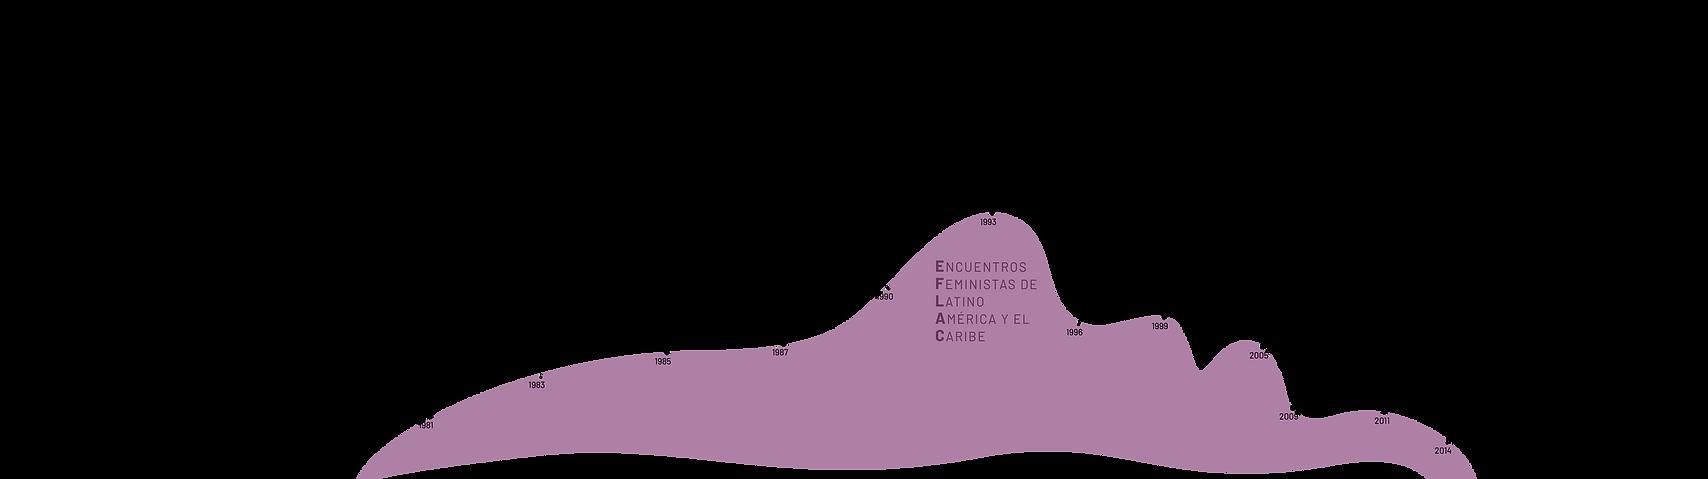 WEB_MYSU_Fondo_violeta_con años_2-01.png